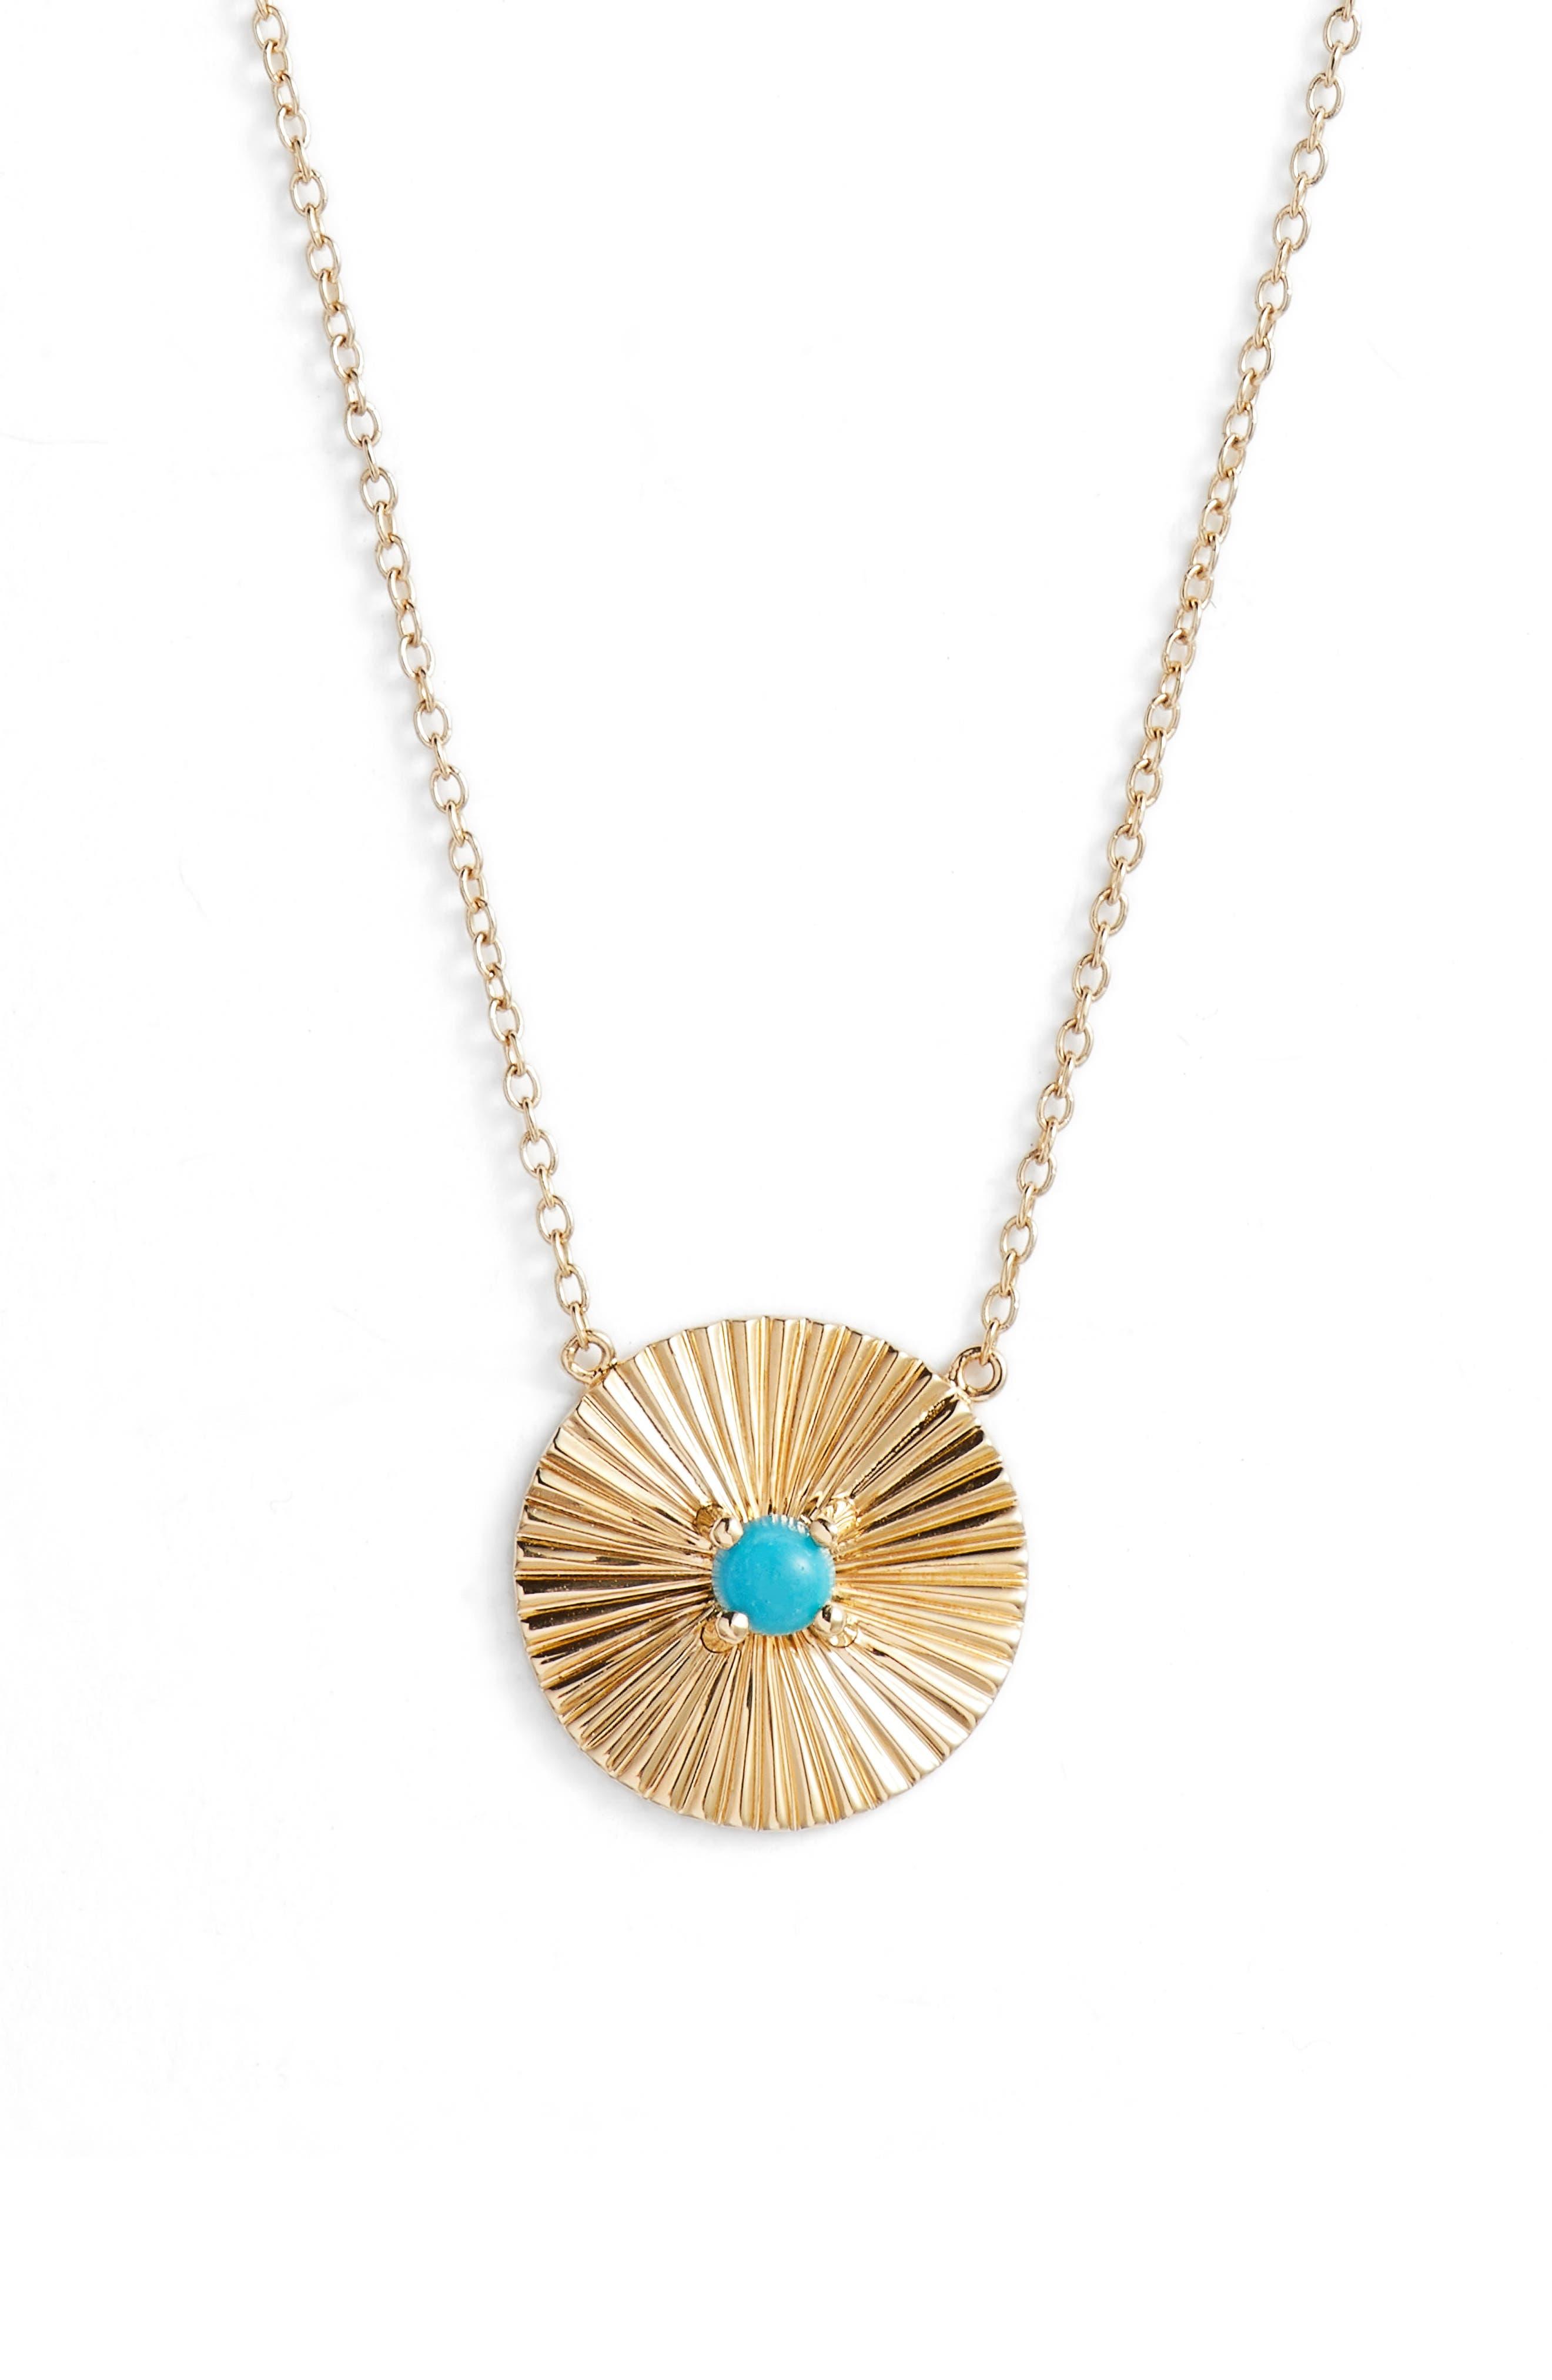 Iris Carson Turquoise Pendant Necklace,                             Main thumbnail 1, color,                             YELLOW VERMEIL